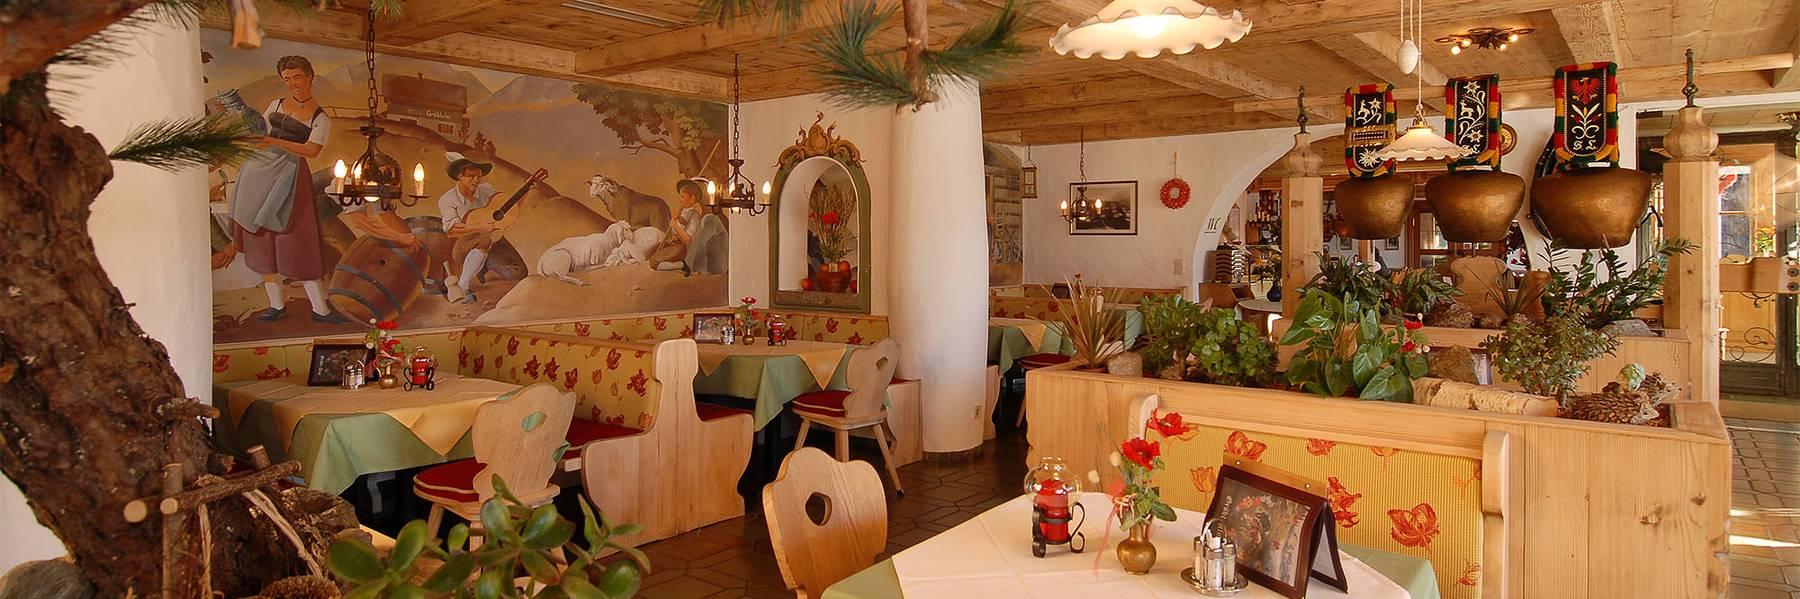 Restaurant im Alpengasthof Gröbl-Alm, Mittenwald